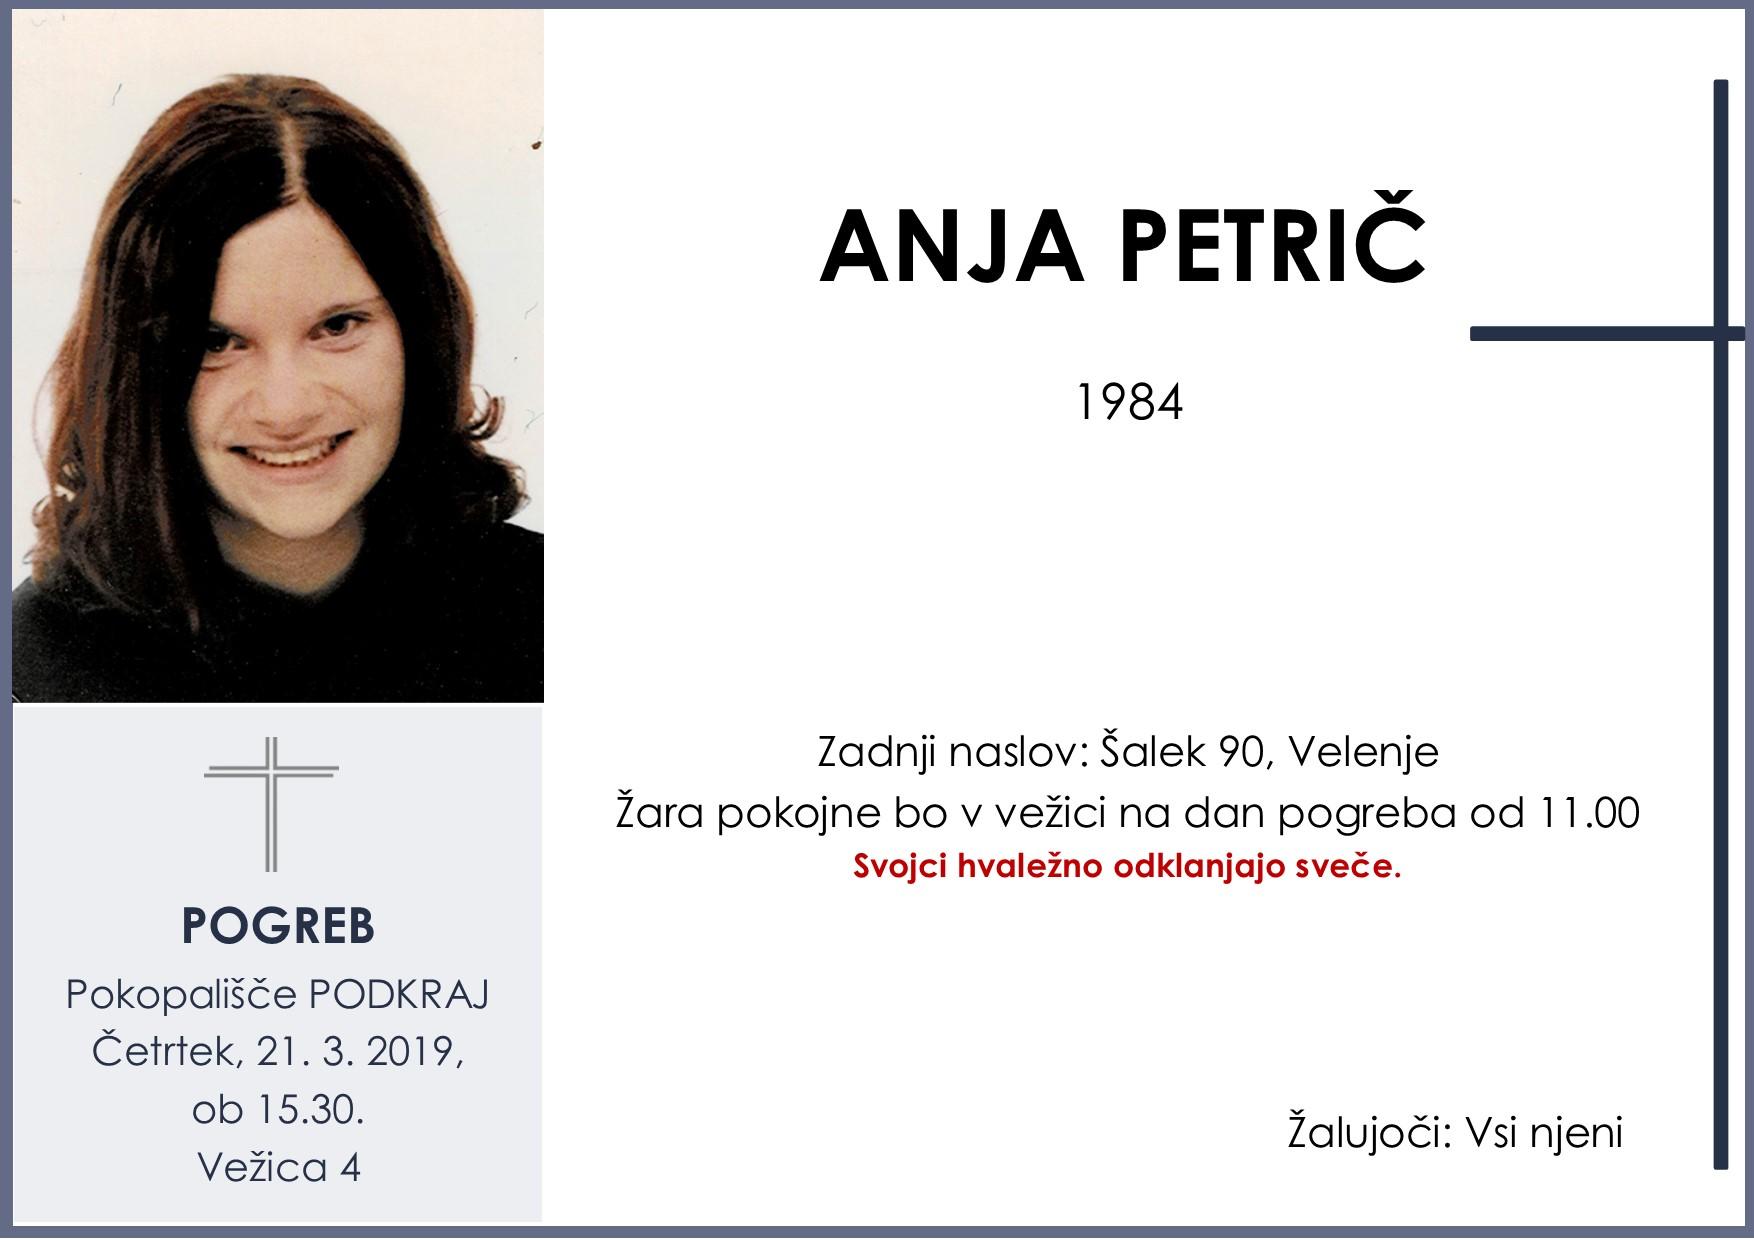 ANJA PETRIČ, Podkraj, 21. 03. 2019